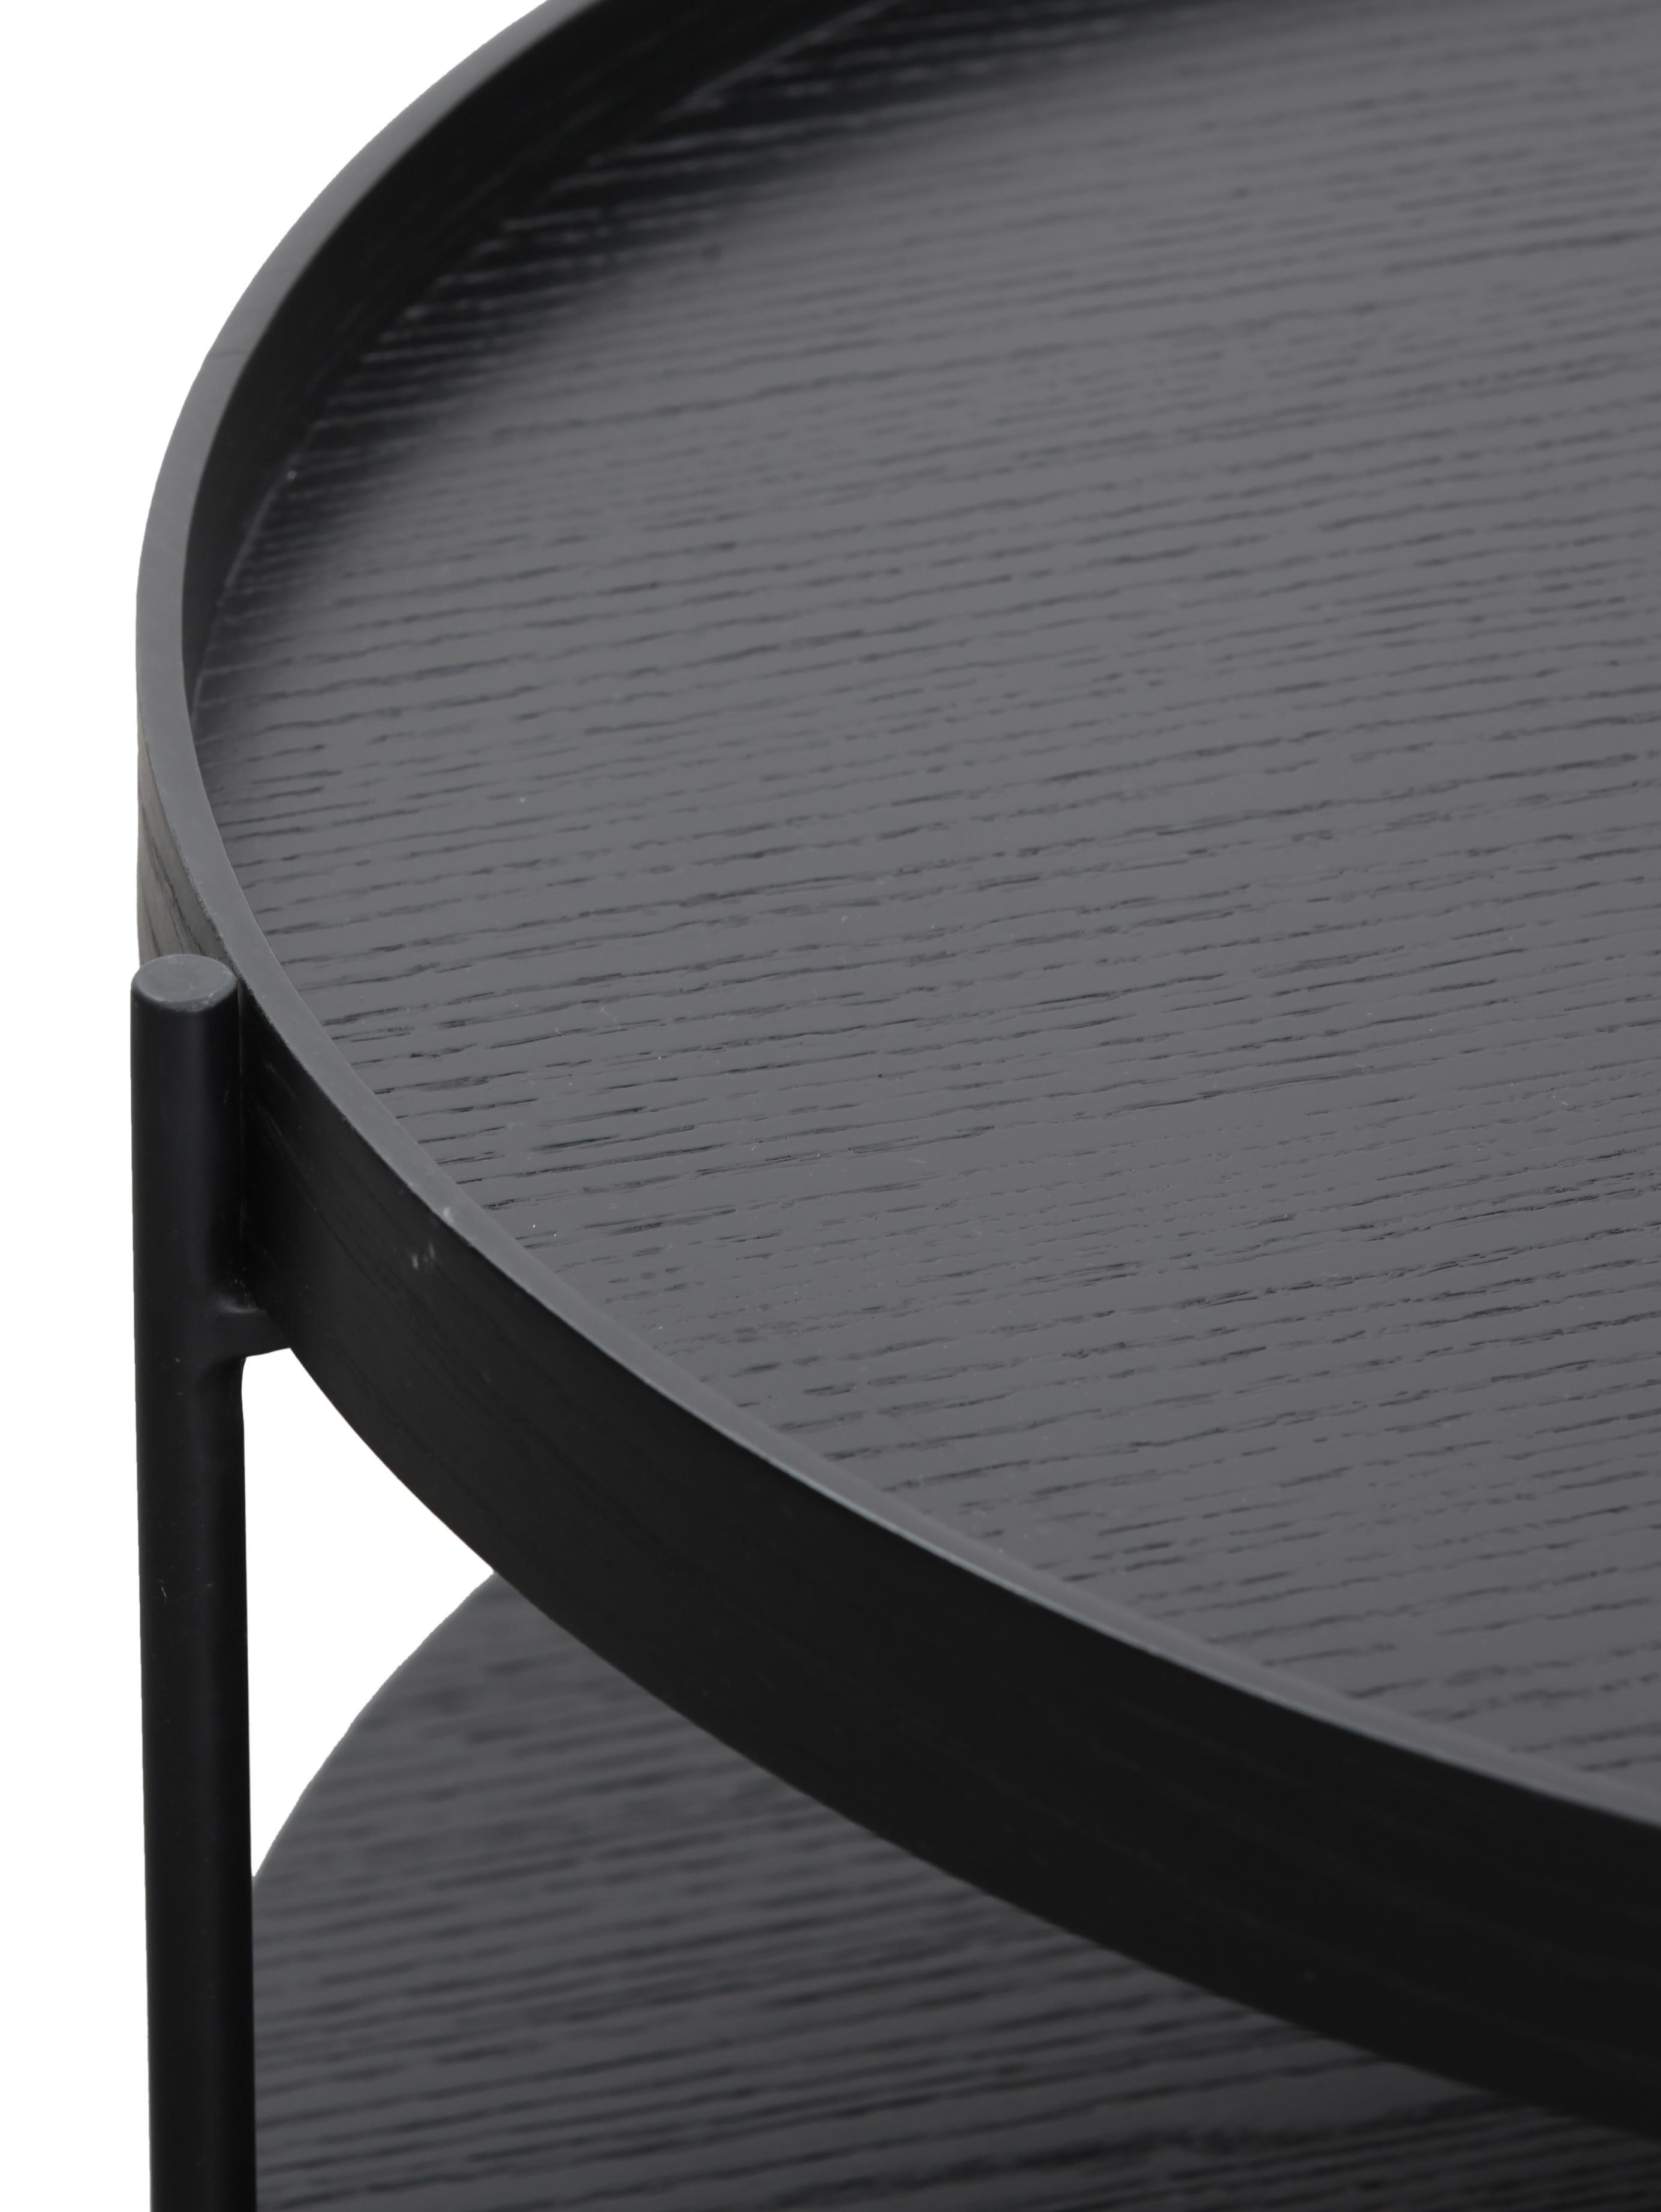 Couchtisch Renee mit Ablagefach, Gestell: Metall, pulverbeschichtet, Tischplatten: SchwarzGestell: Schwarz, matt, Ø 69 x H 39 cm